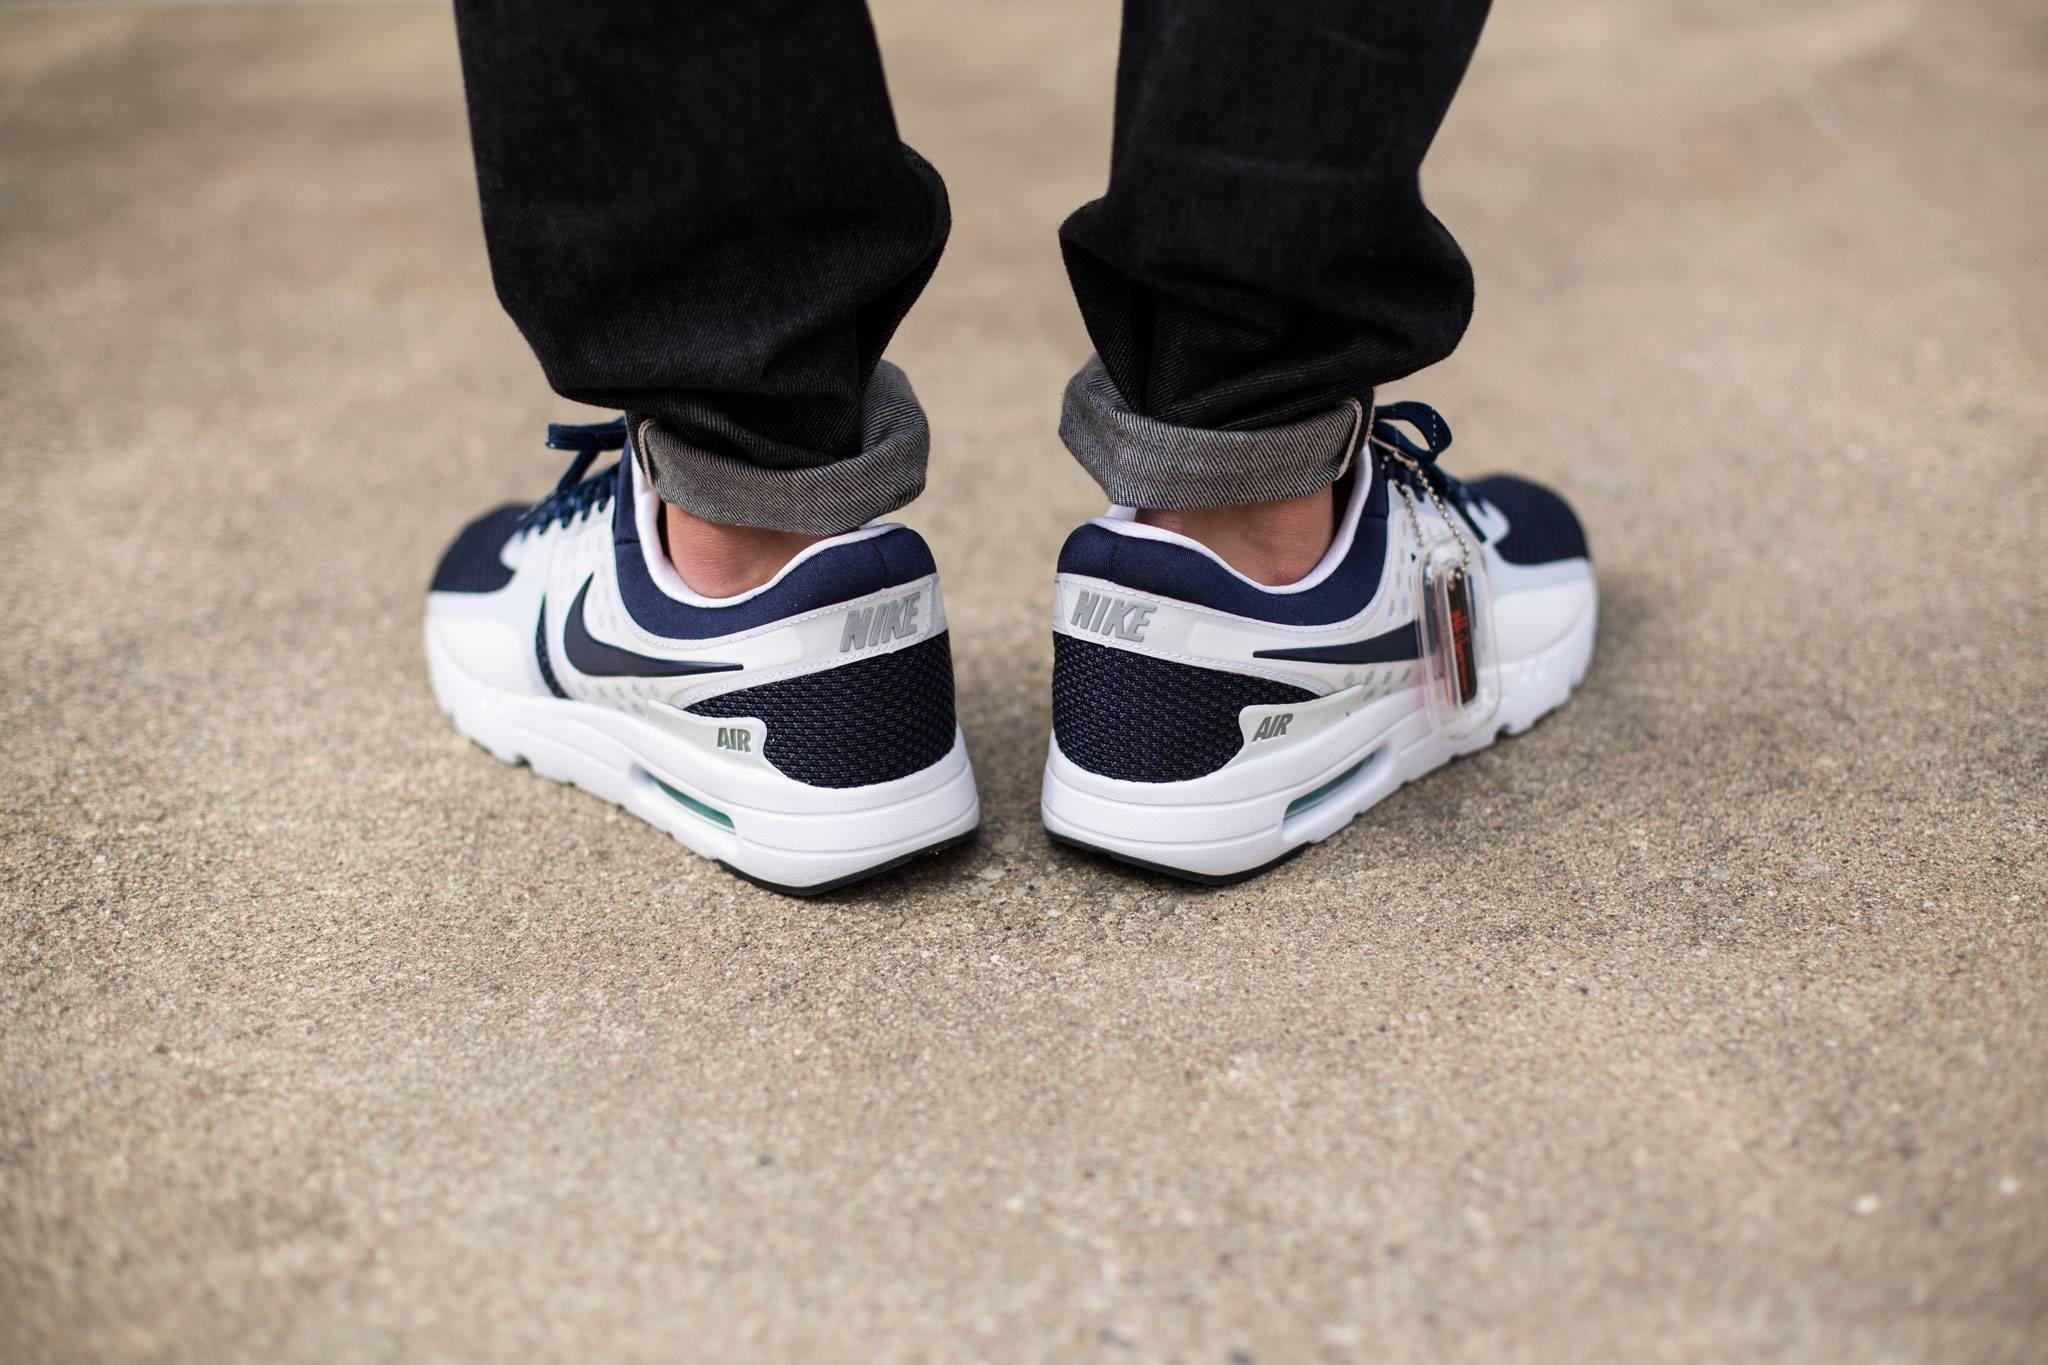 Nike Air Max Zero On Feet-3